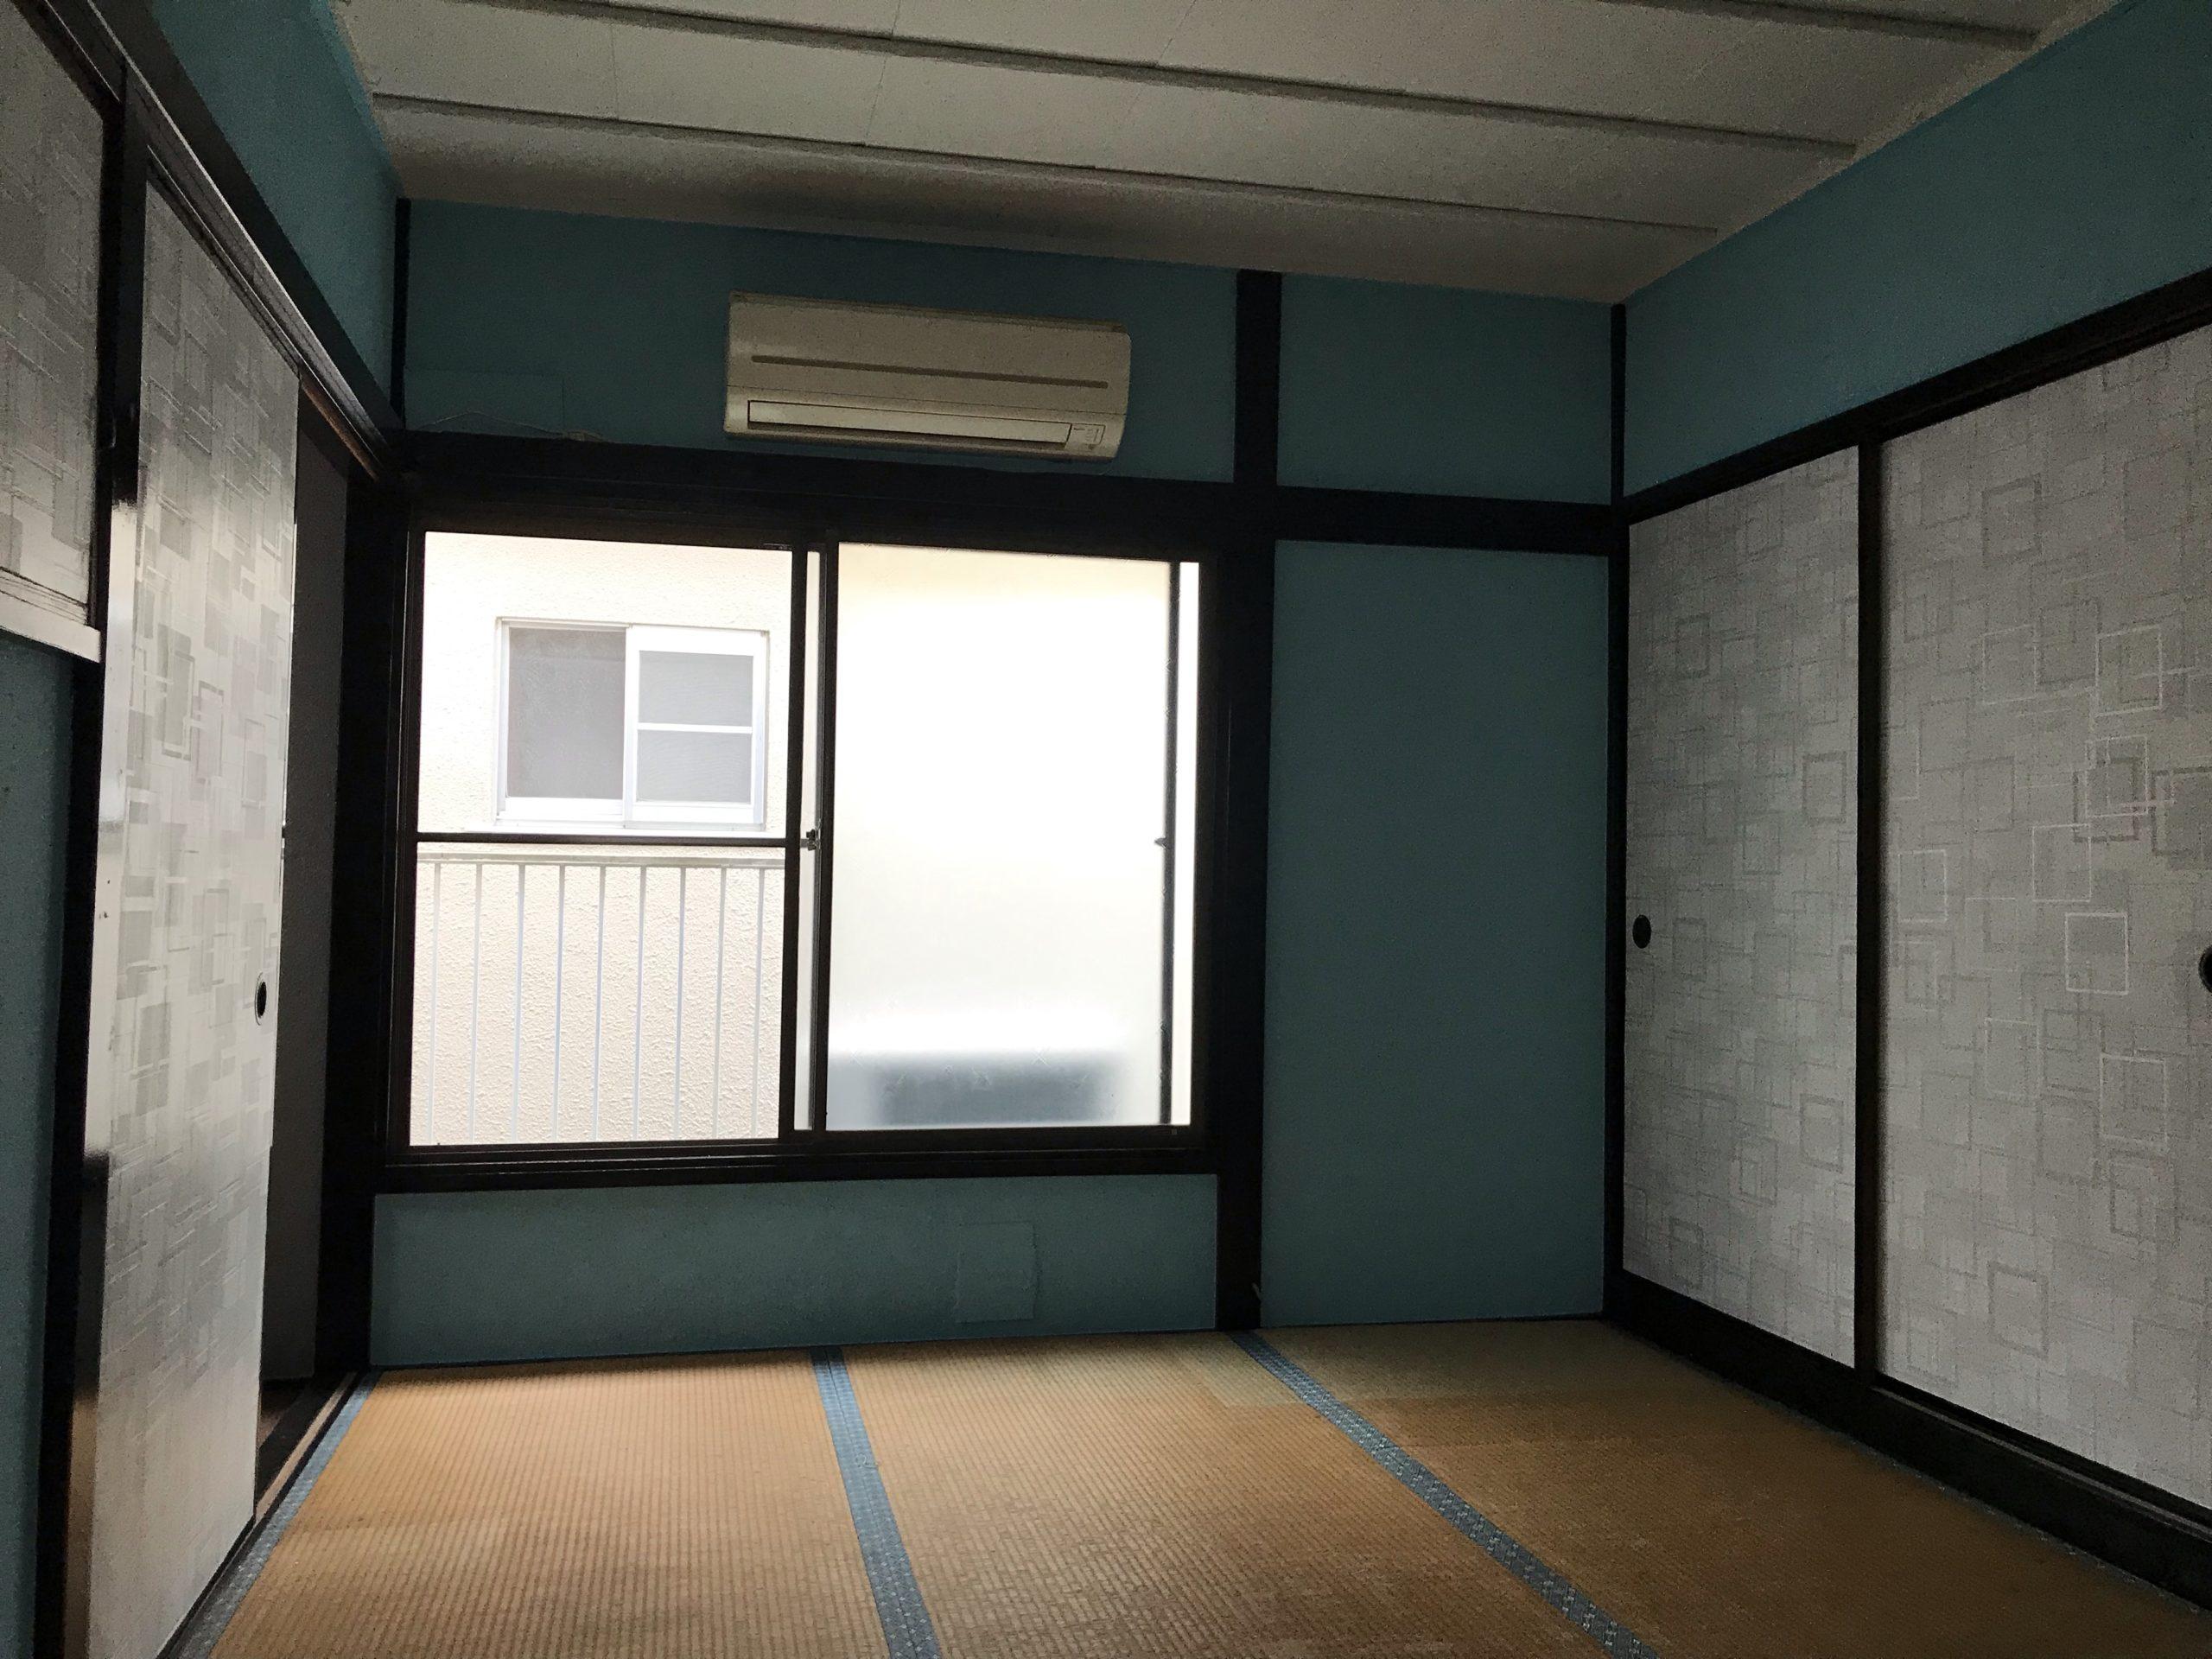 和室の襖をdiyで張替え 壁紙で安くて簡単おしゃれにリメイク